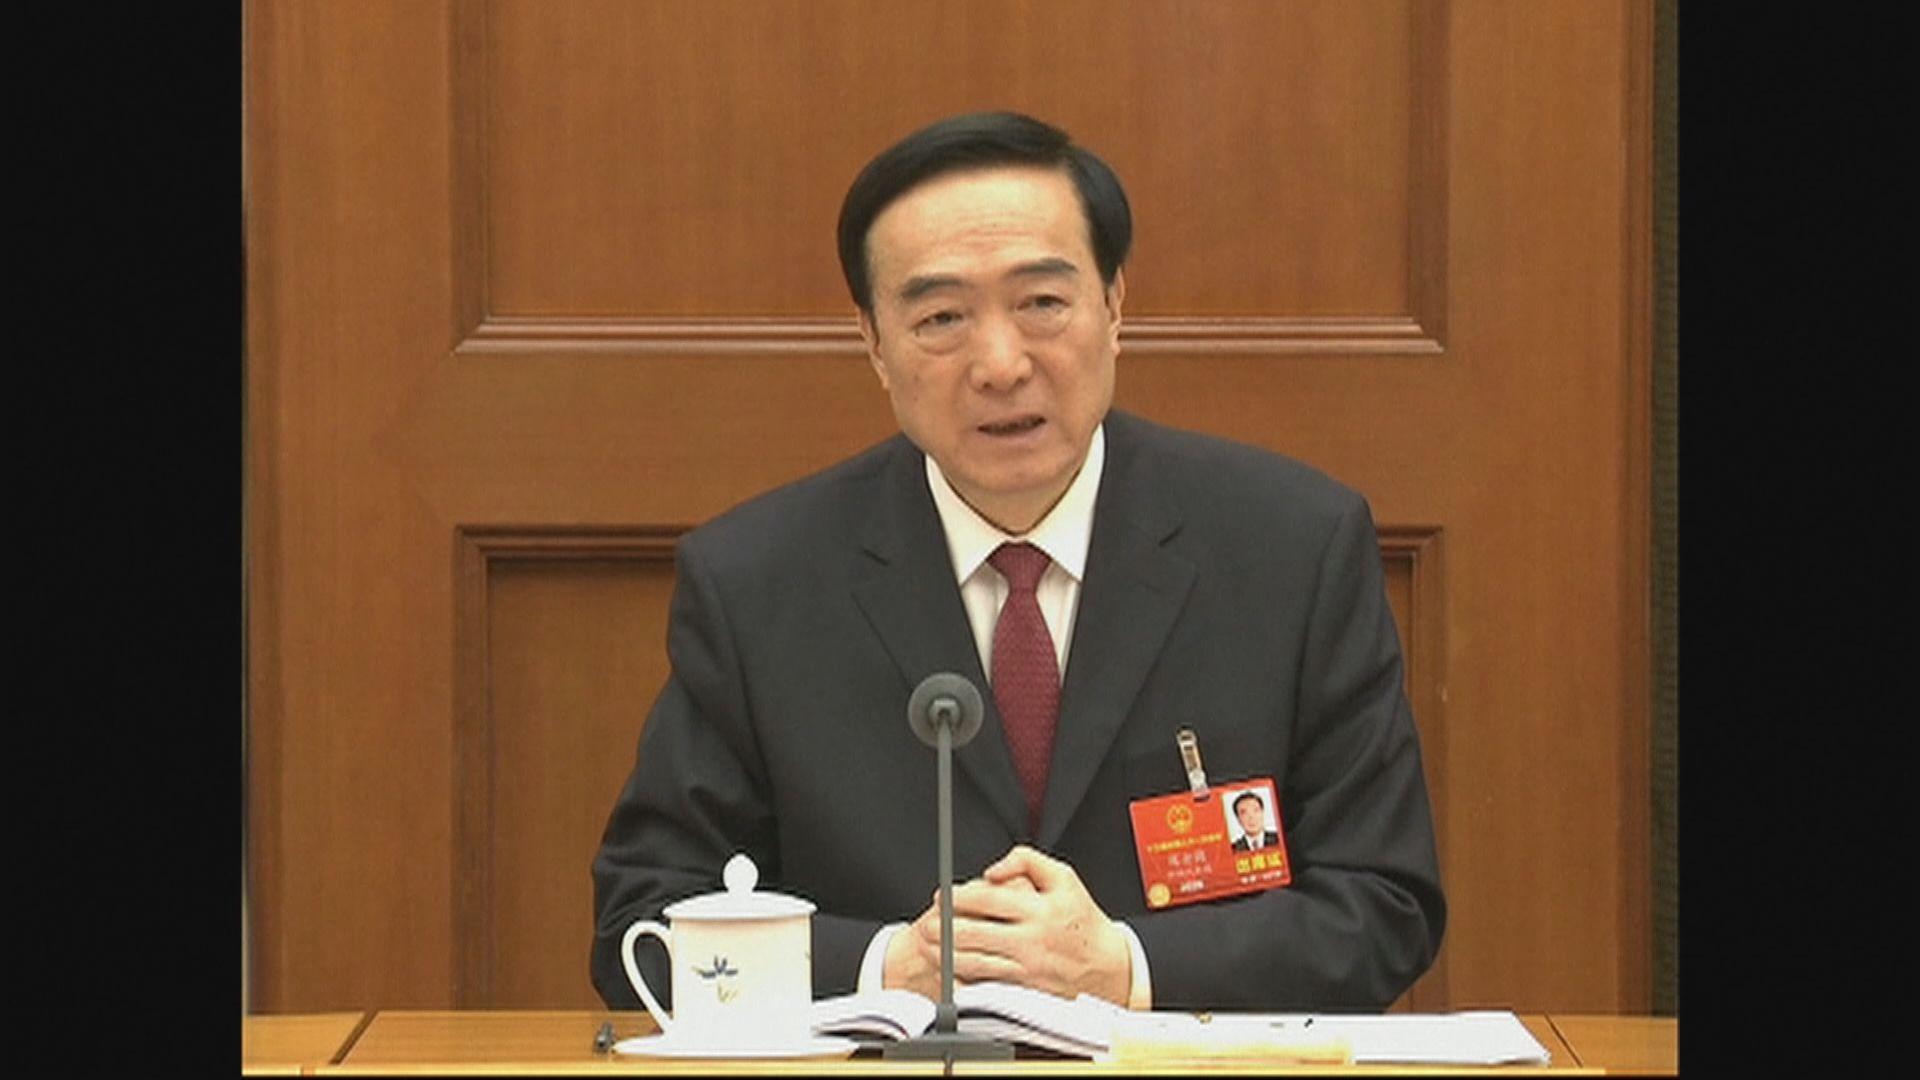 15國大使要求會晤新疆官員了解人權狀況